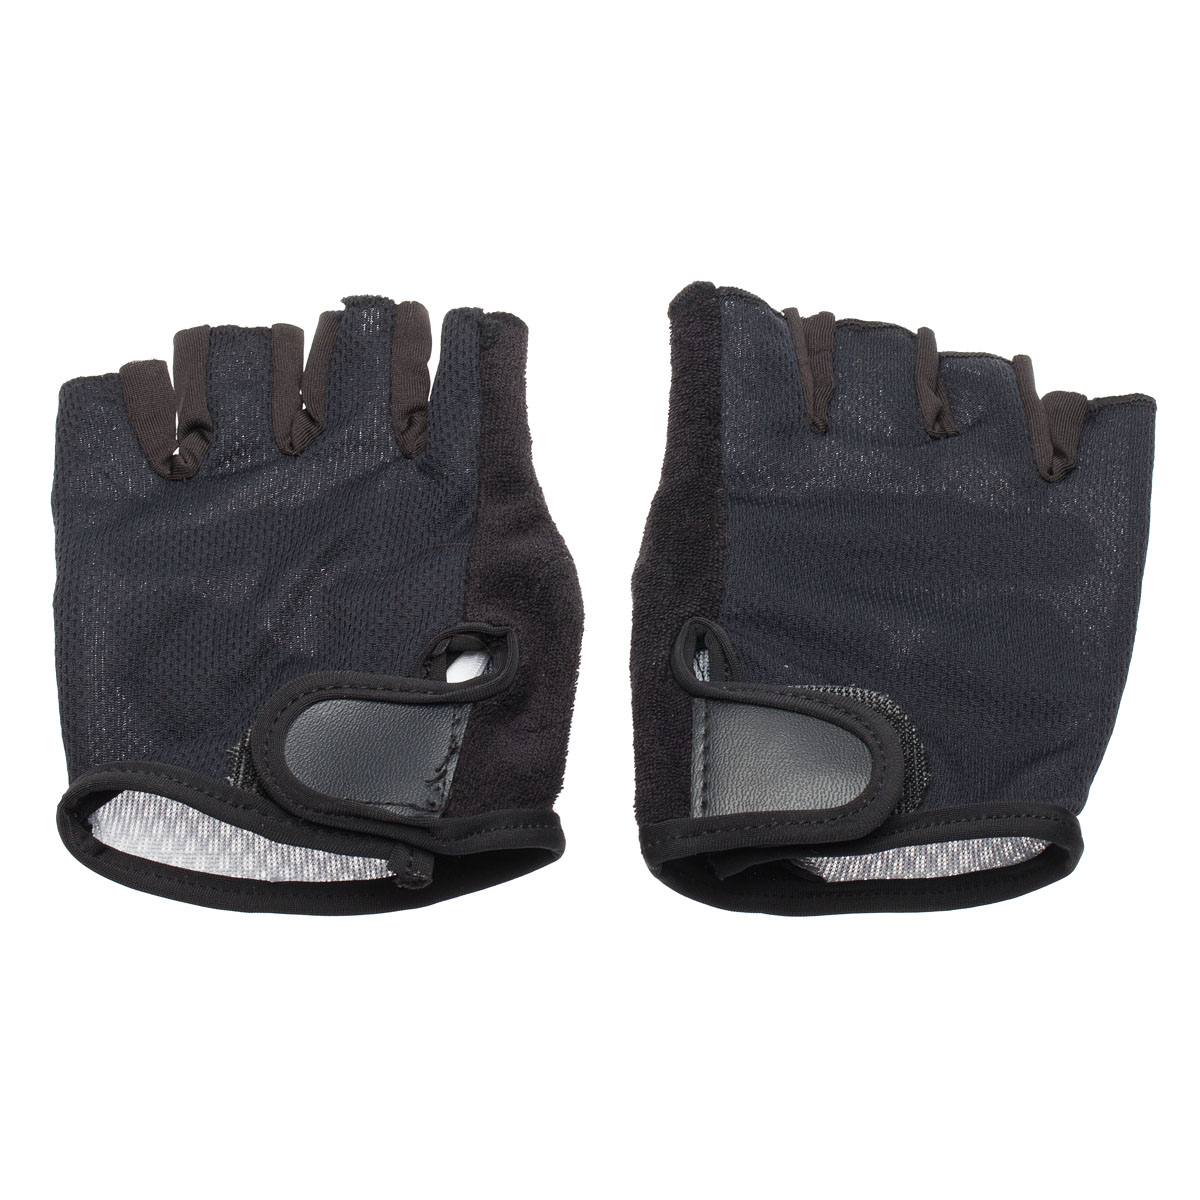 Велоперчатки Overcome, 37937-14 цена